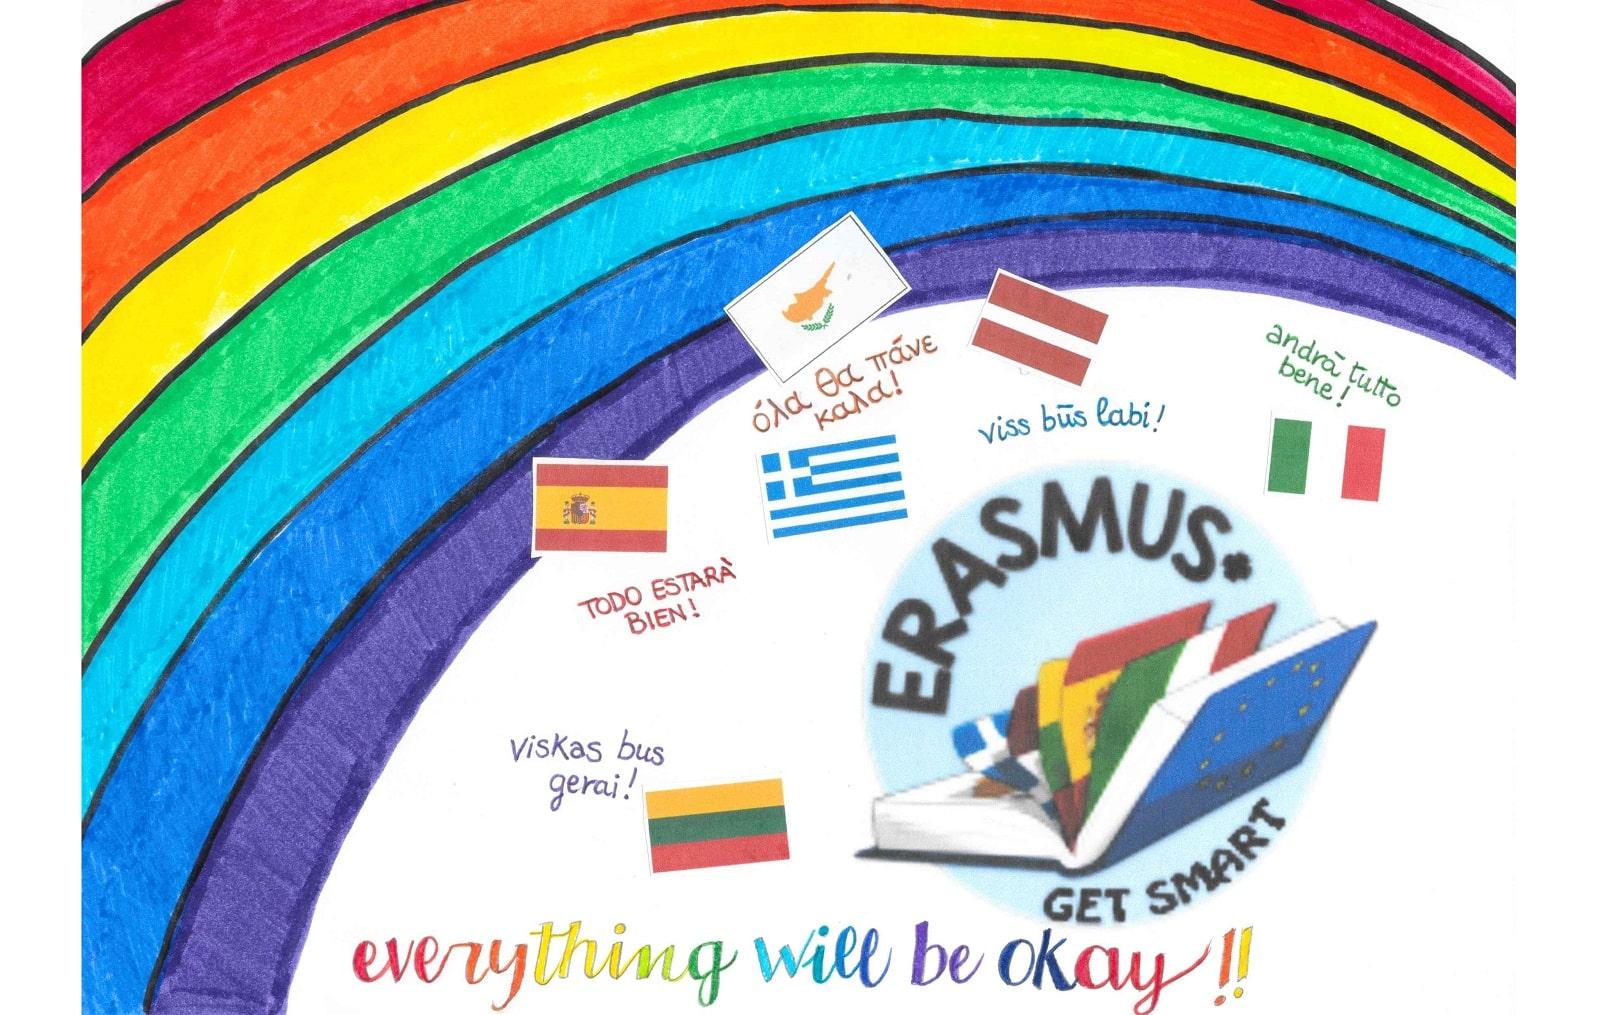 Everything will be okay - Erasmus+